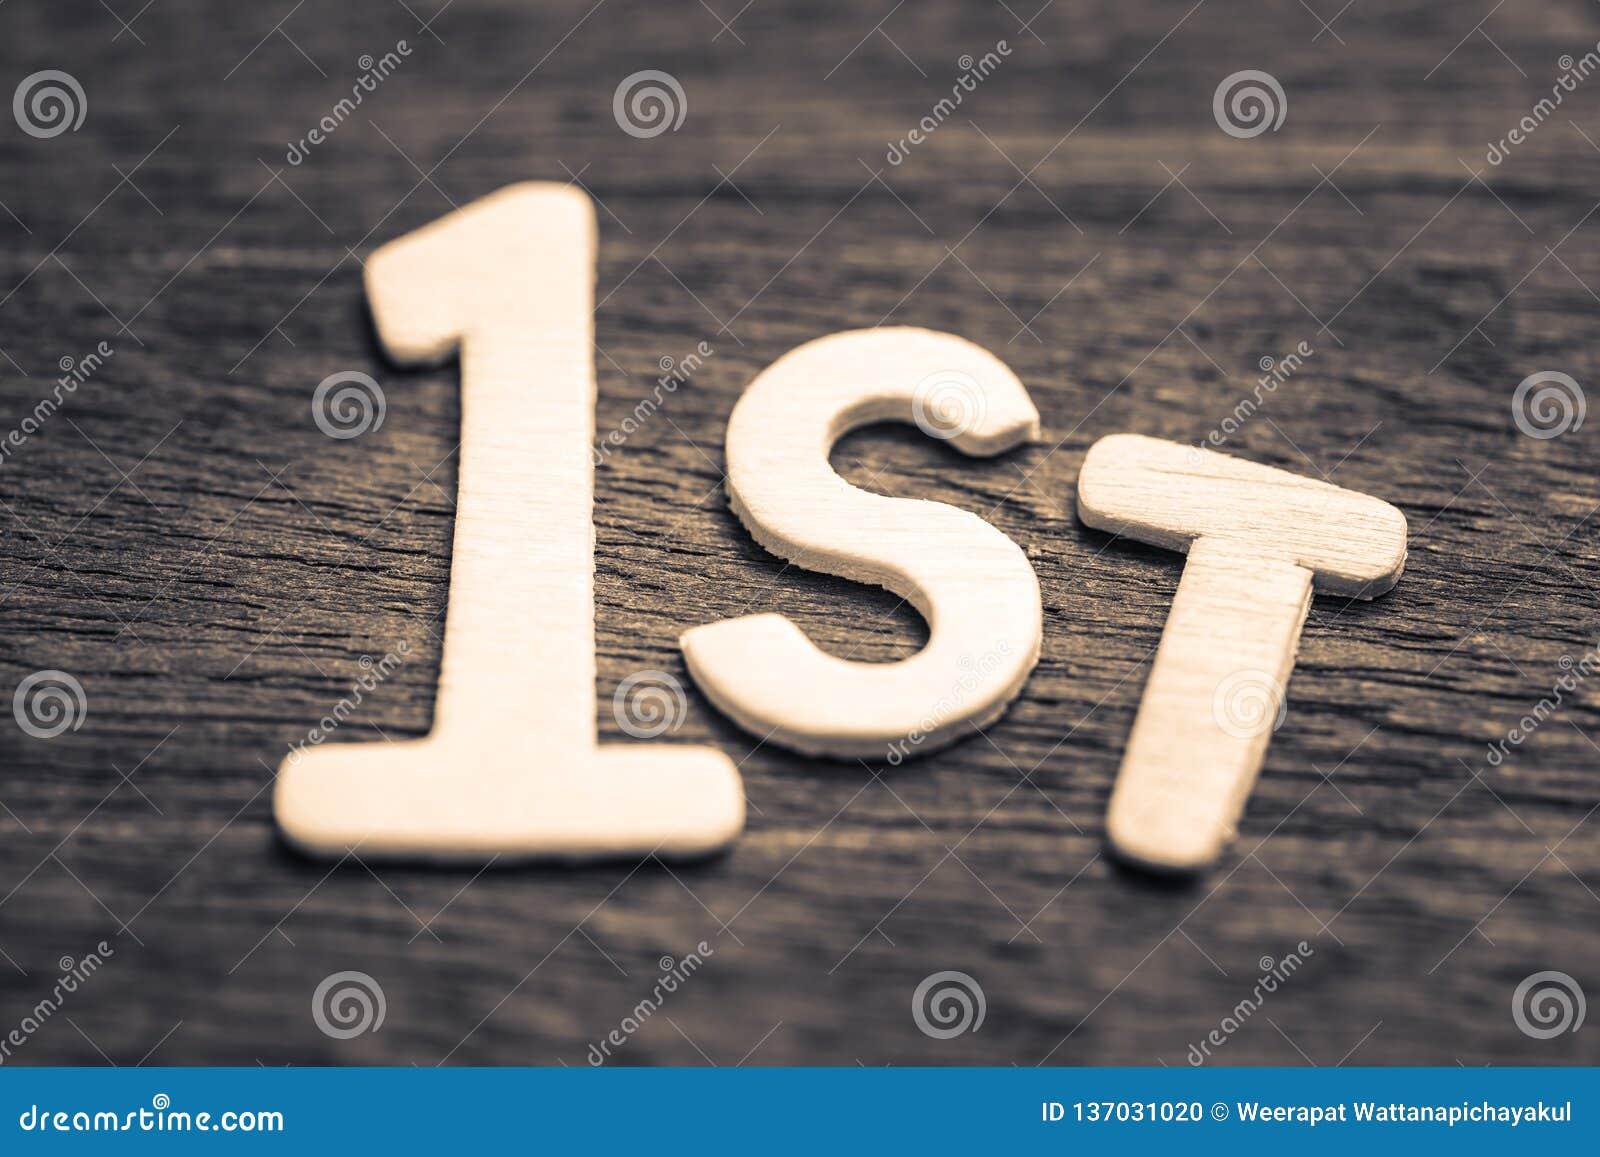 Premier symbole par les lettres en bois